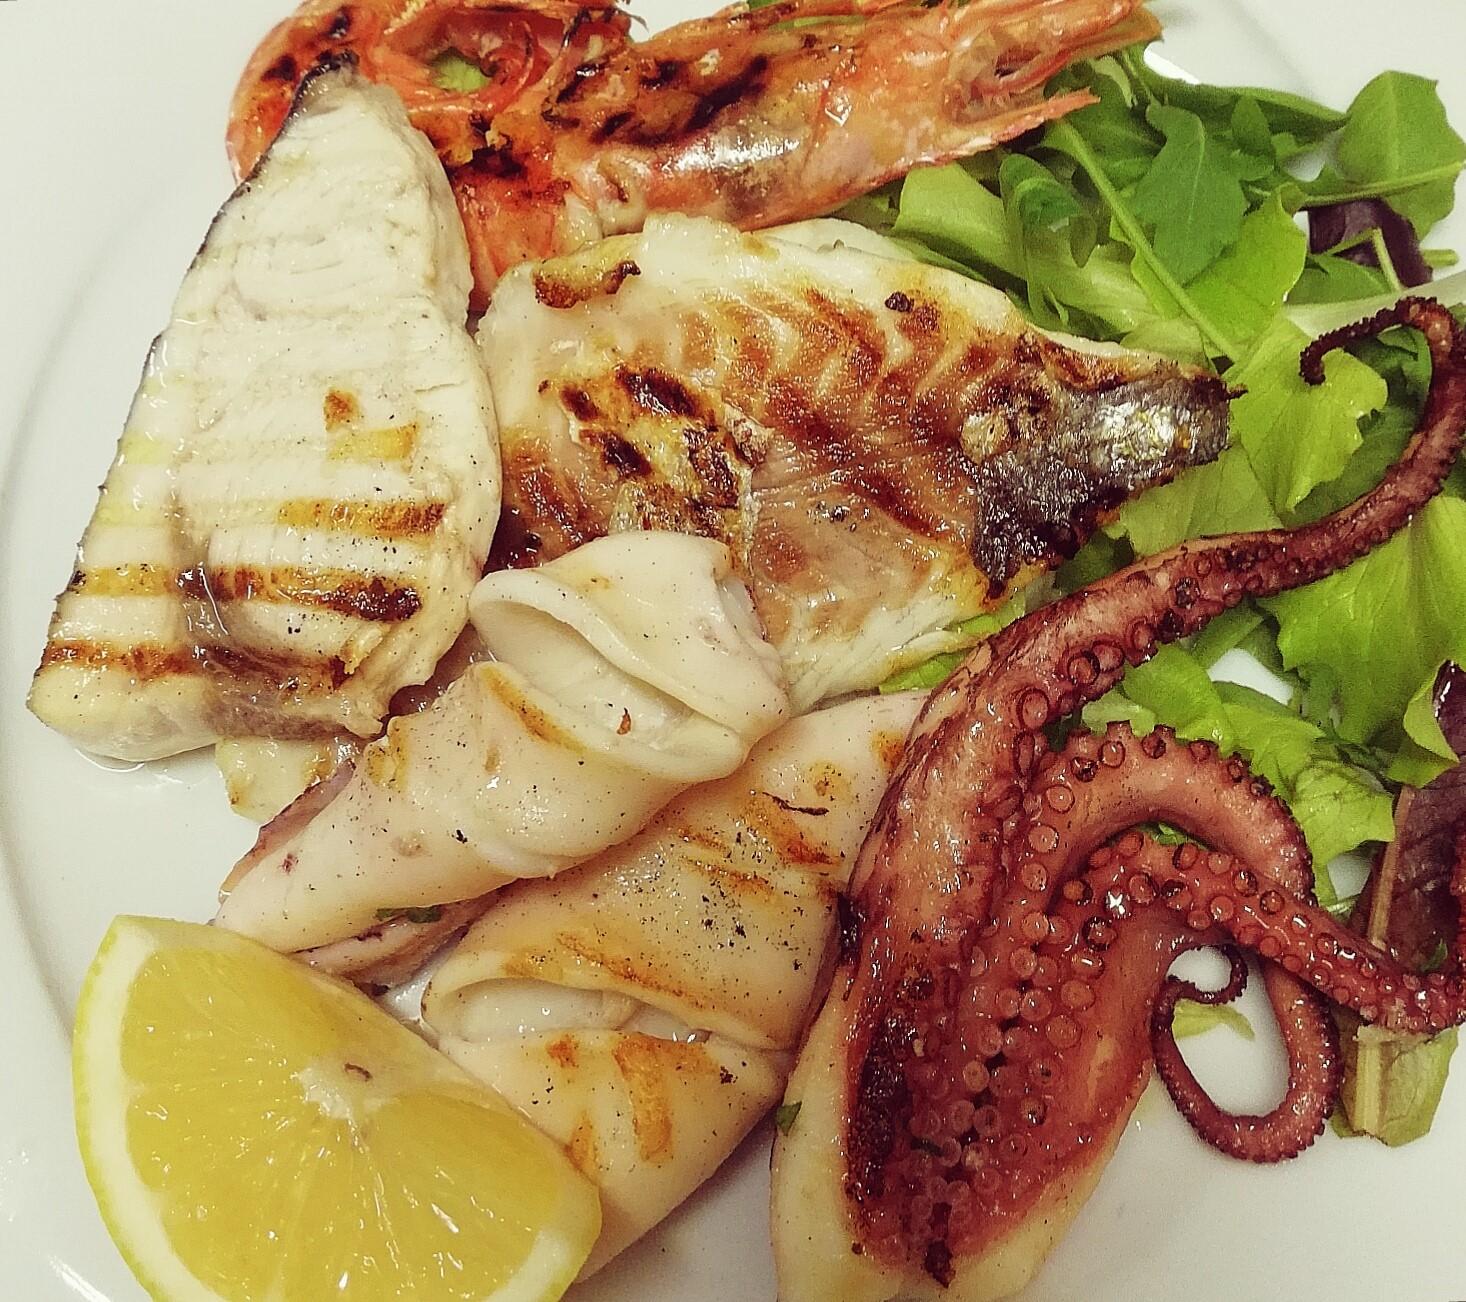 Grigliata di pesce fresco | Ristornate Gold Hotel Bordighera